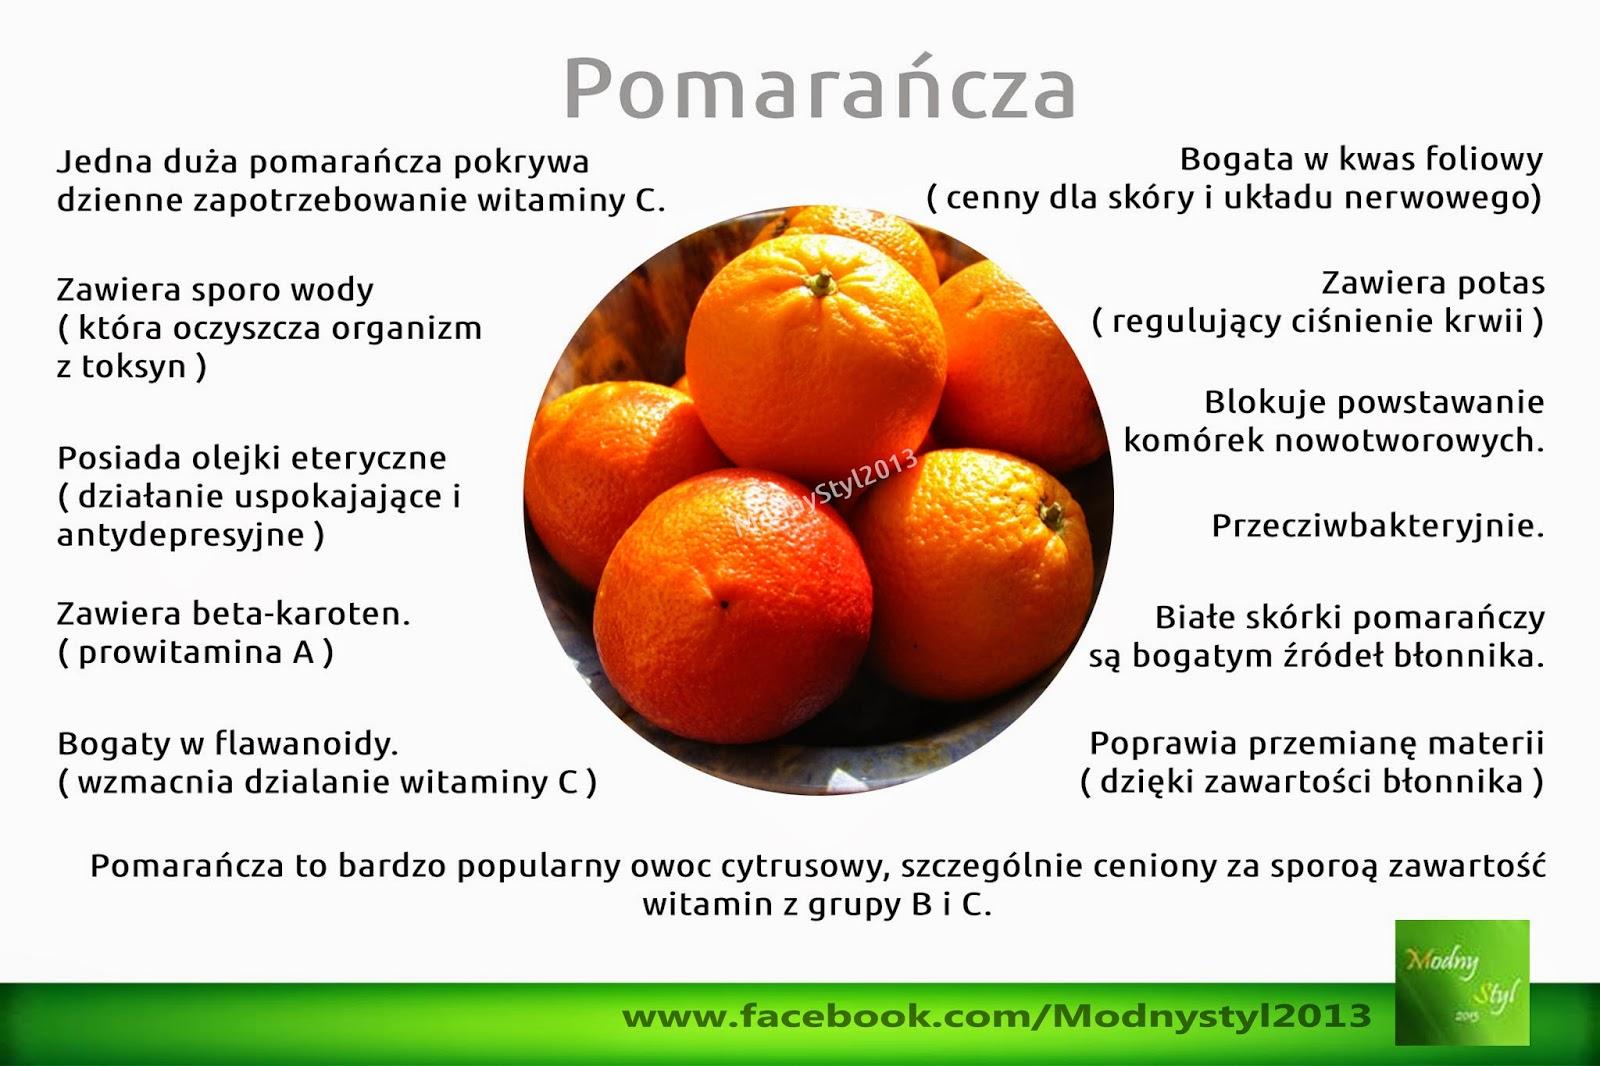 Pomarańcza i jej zdrowotne właściwości